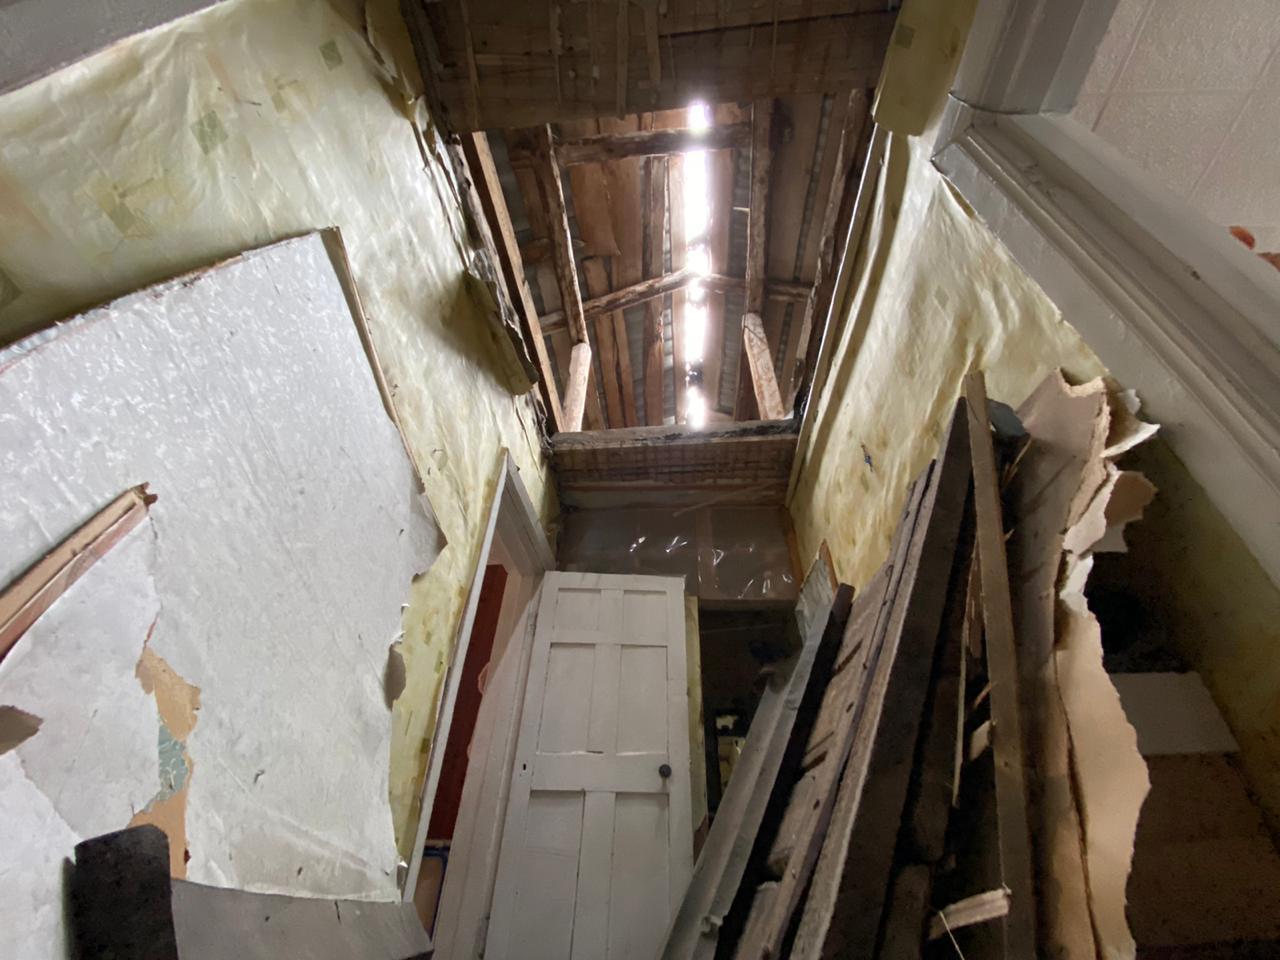 Работники Окружной администрации, МКУ «СЭГХ», Управления ГОЧС осмотрели дом, в котором произошло обрушение чердачного покрытия